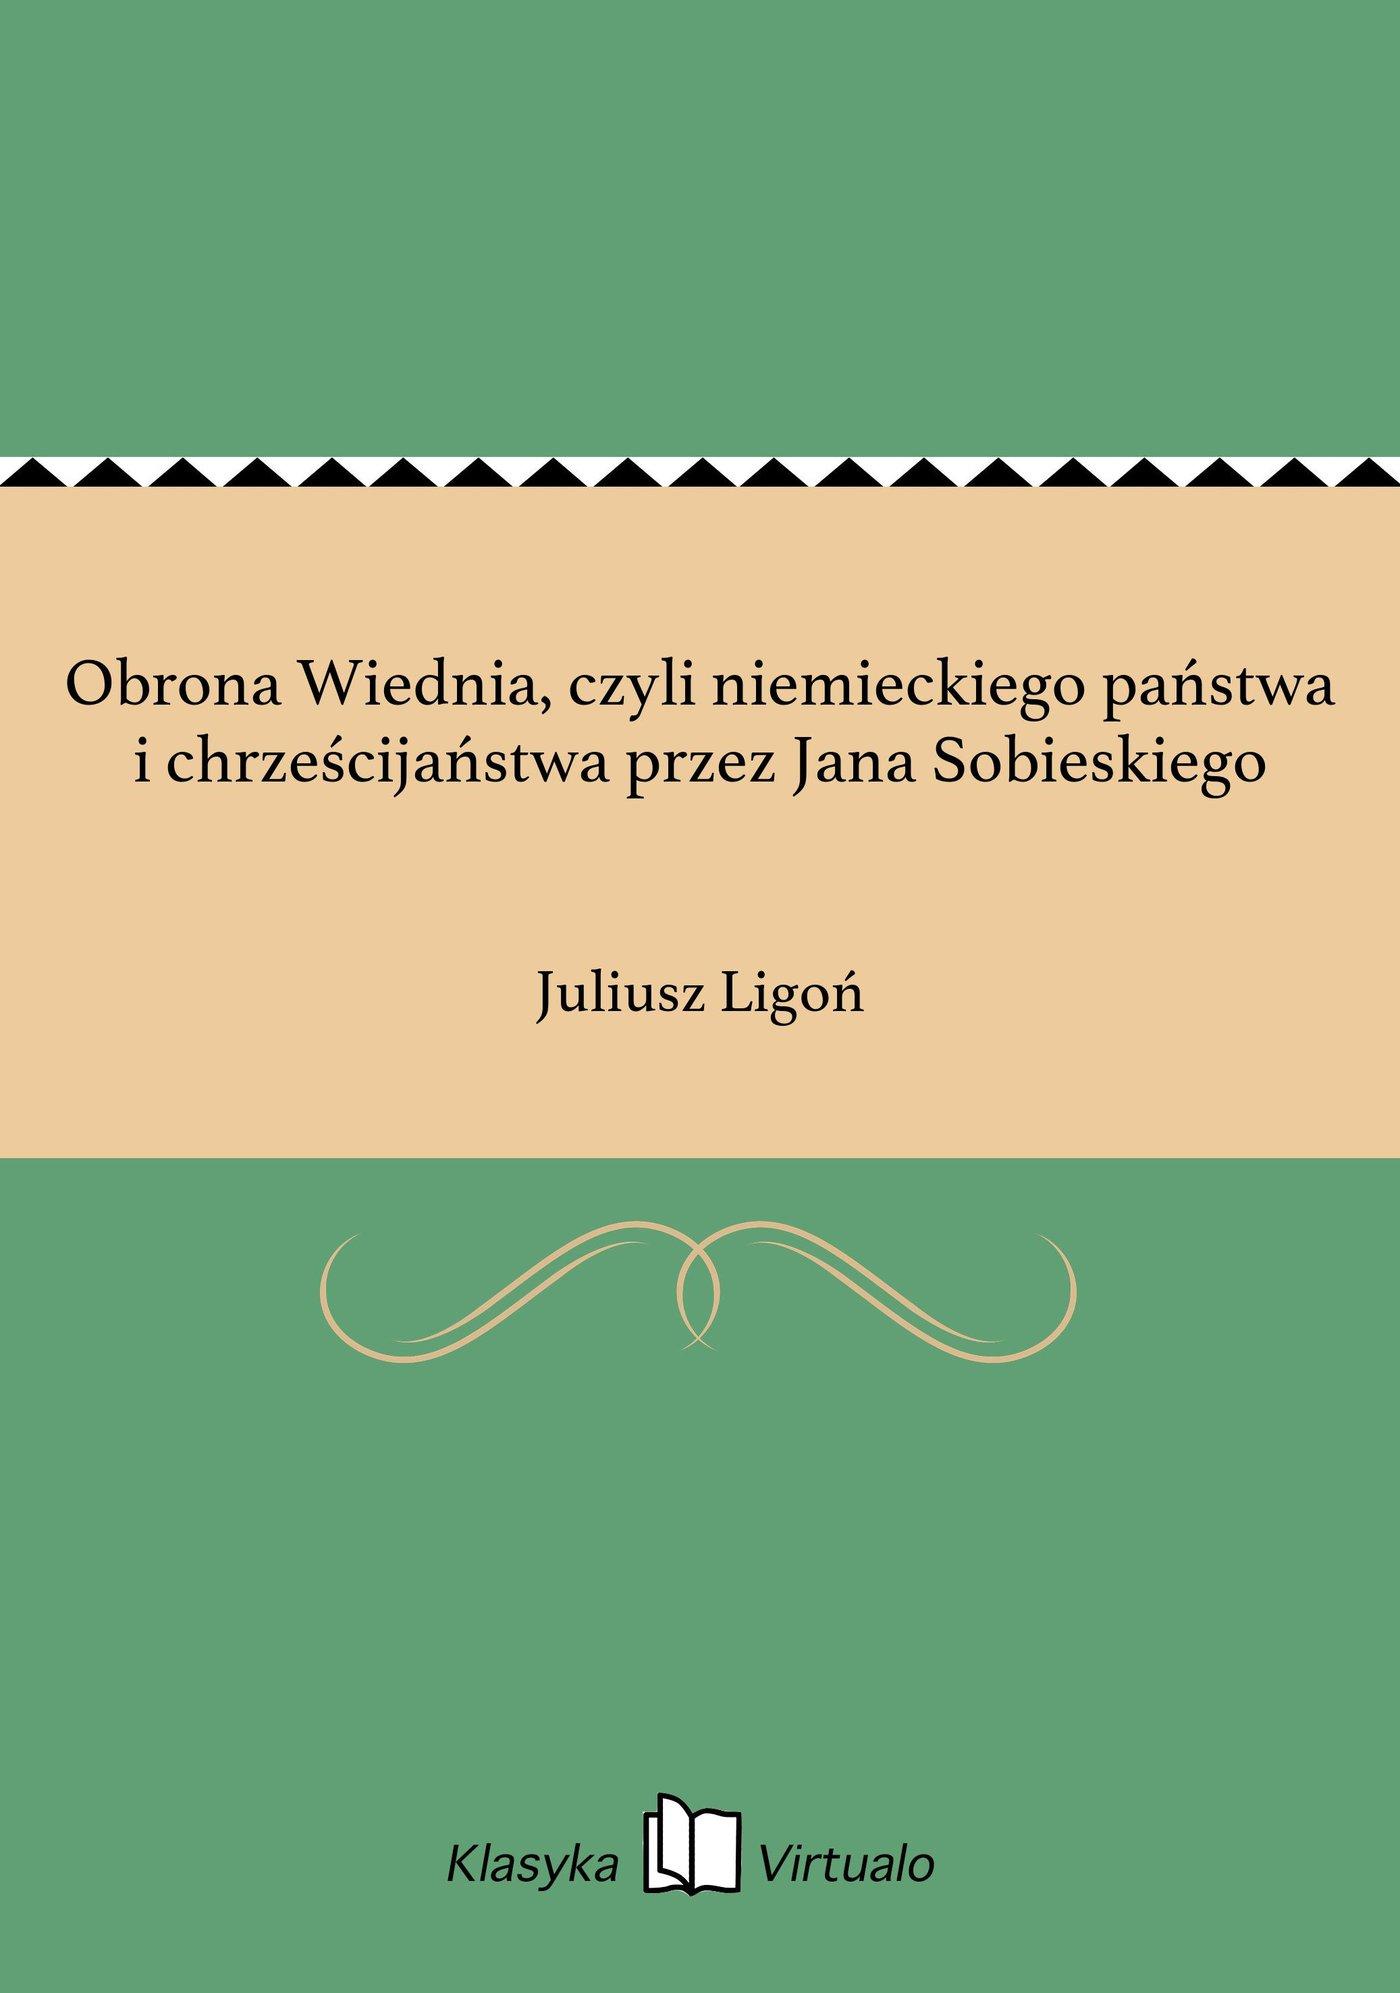 Obrona Wiednia, czyli niemieckiego państwa i chrześcijaństwa przez Jana Sobieskiego - Ebook (Książka EPUB) do pobrania w formacie EPUB